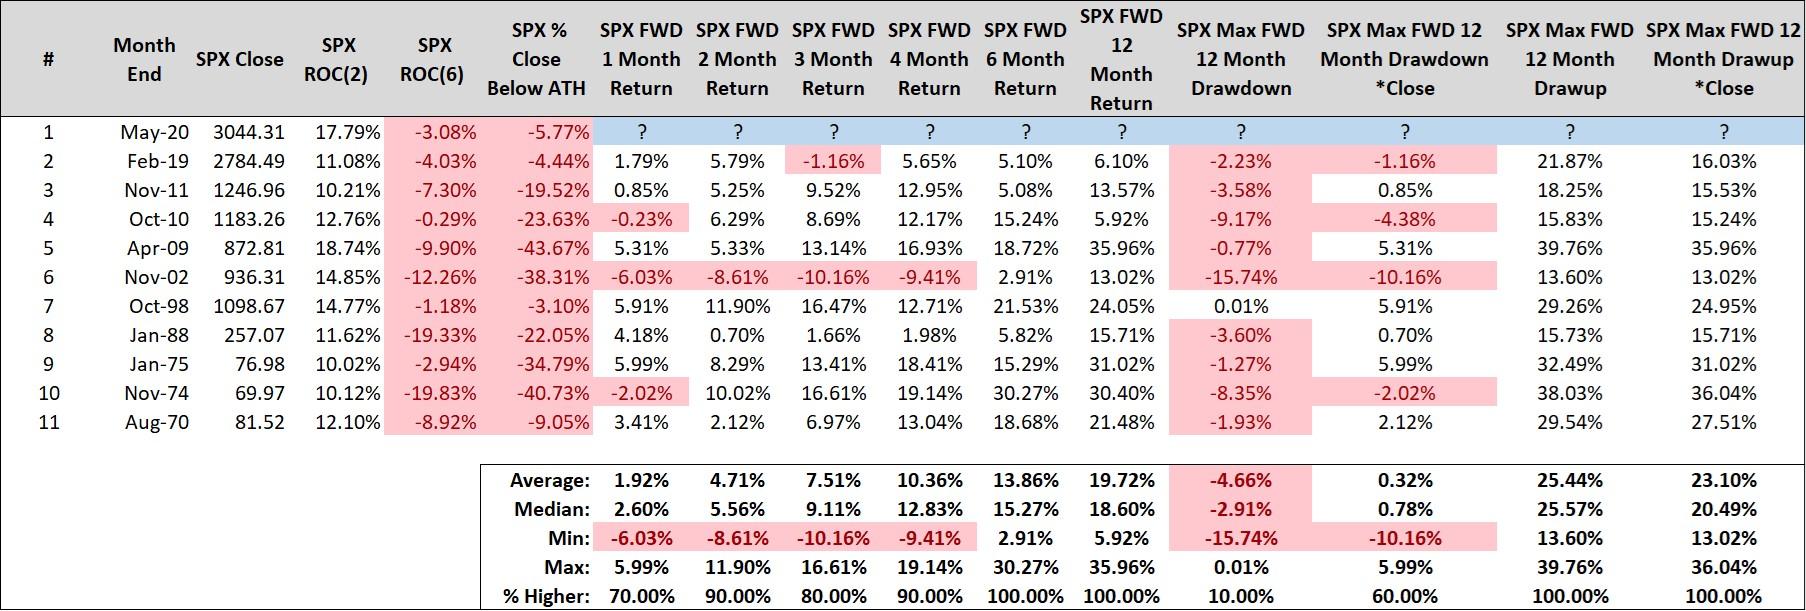 SPX Close Month's End Graph